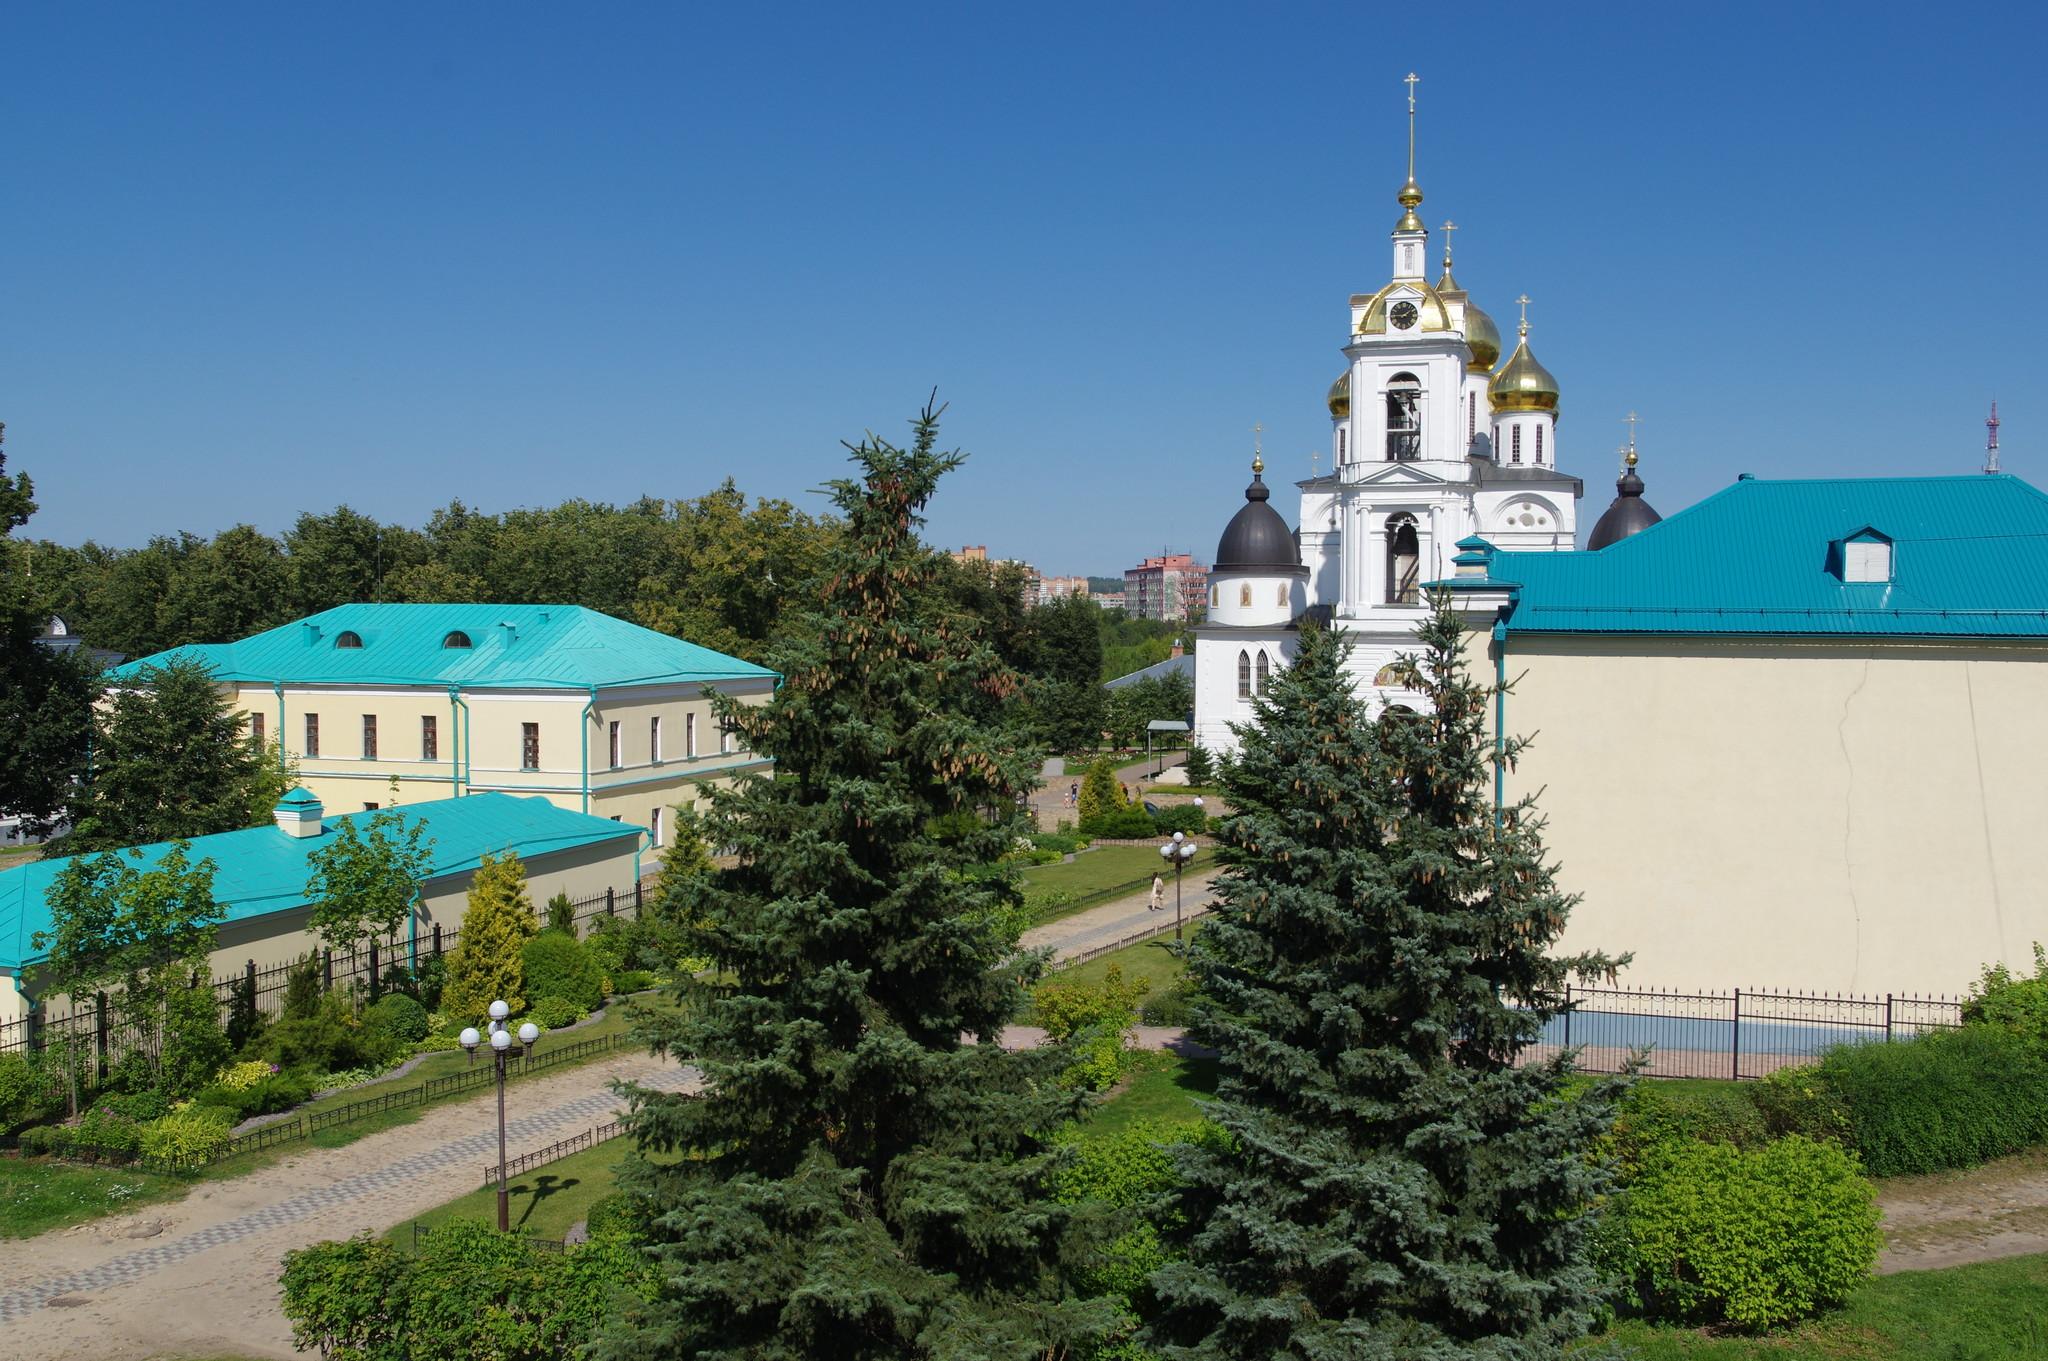 Южный вход в Дмитровский кремль со стороны площади (Московская область)